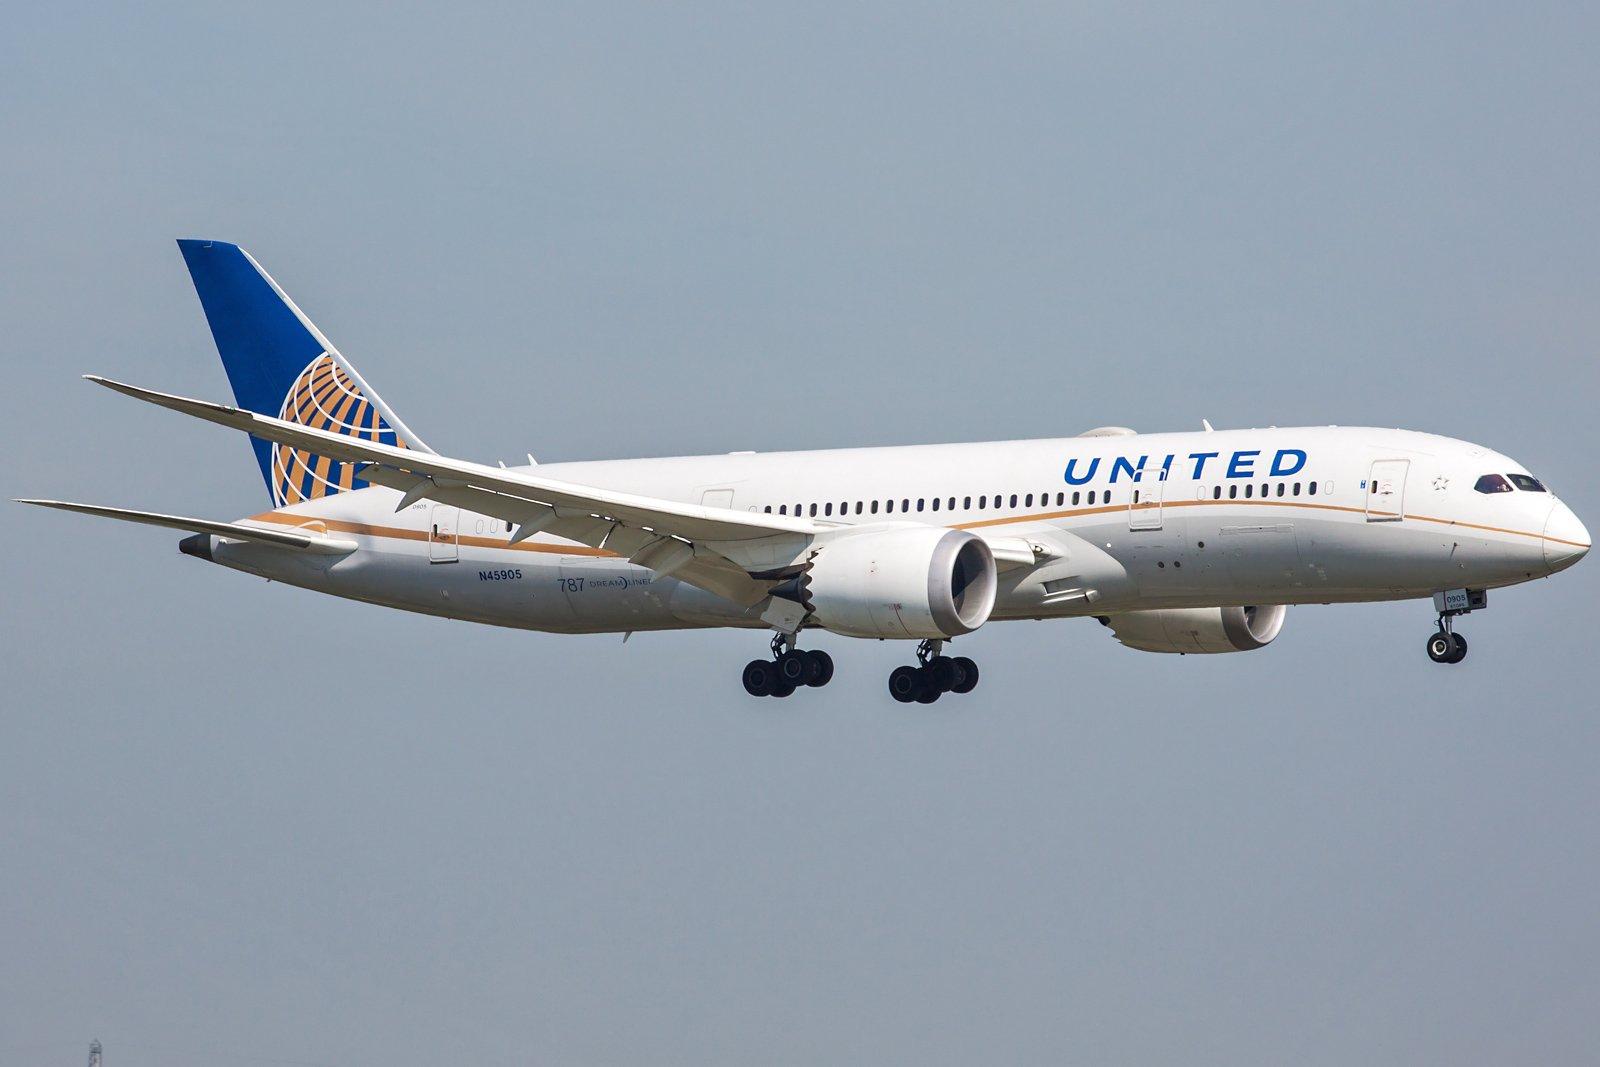 United Airlines Boeing 787-8 Dreamliner N45905